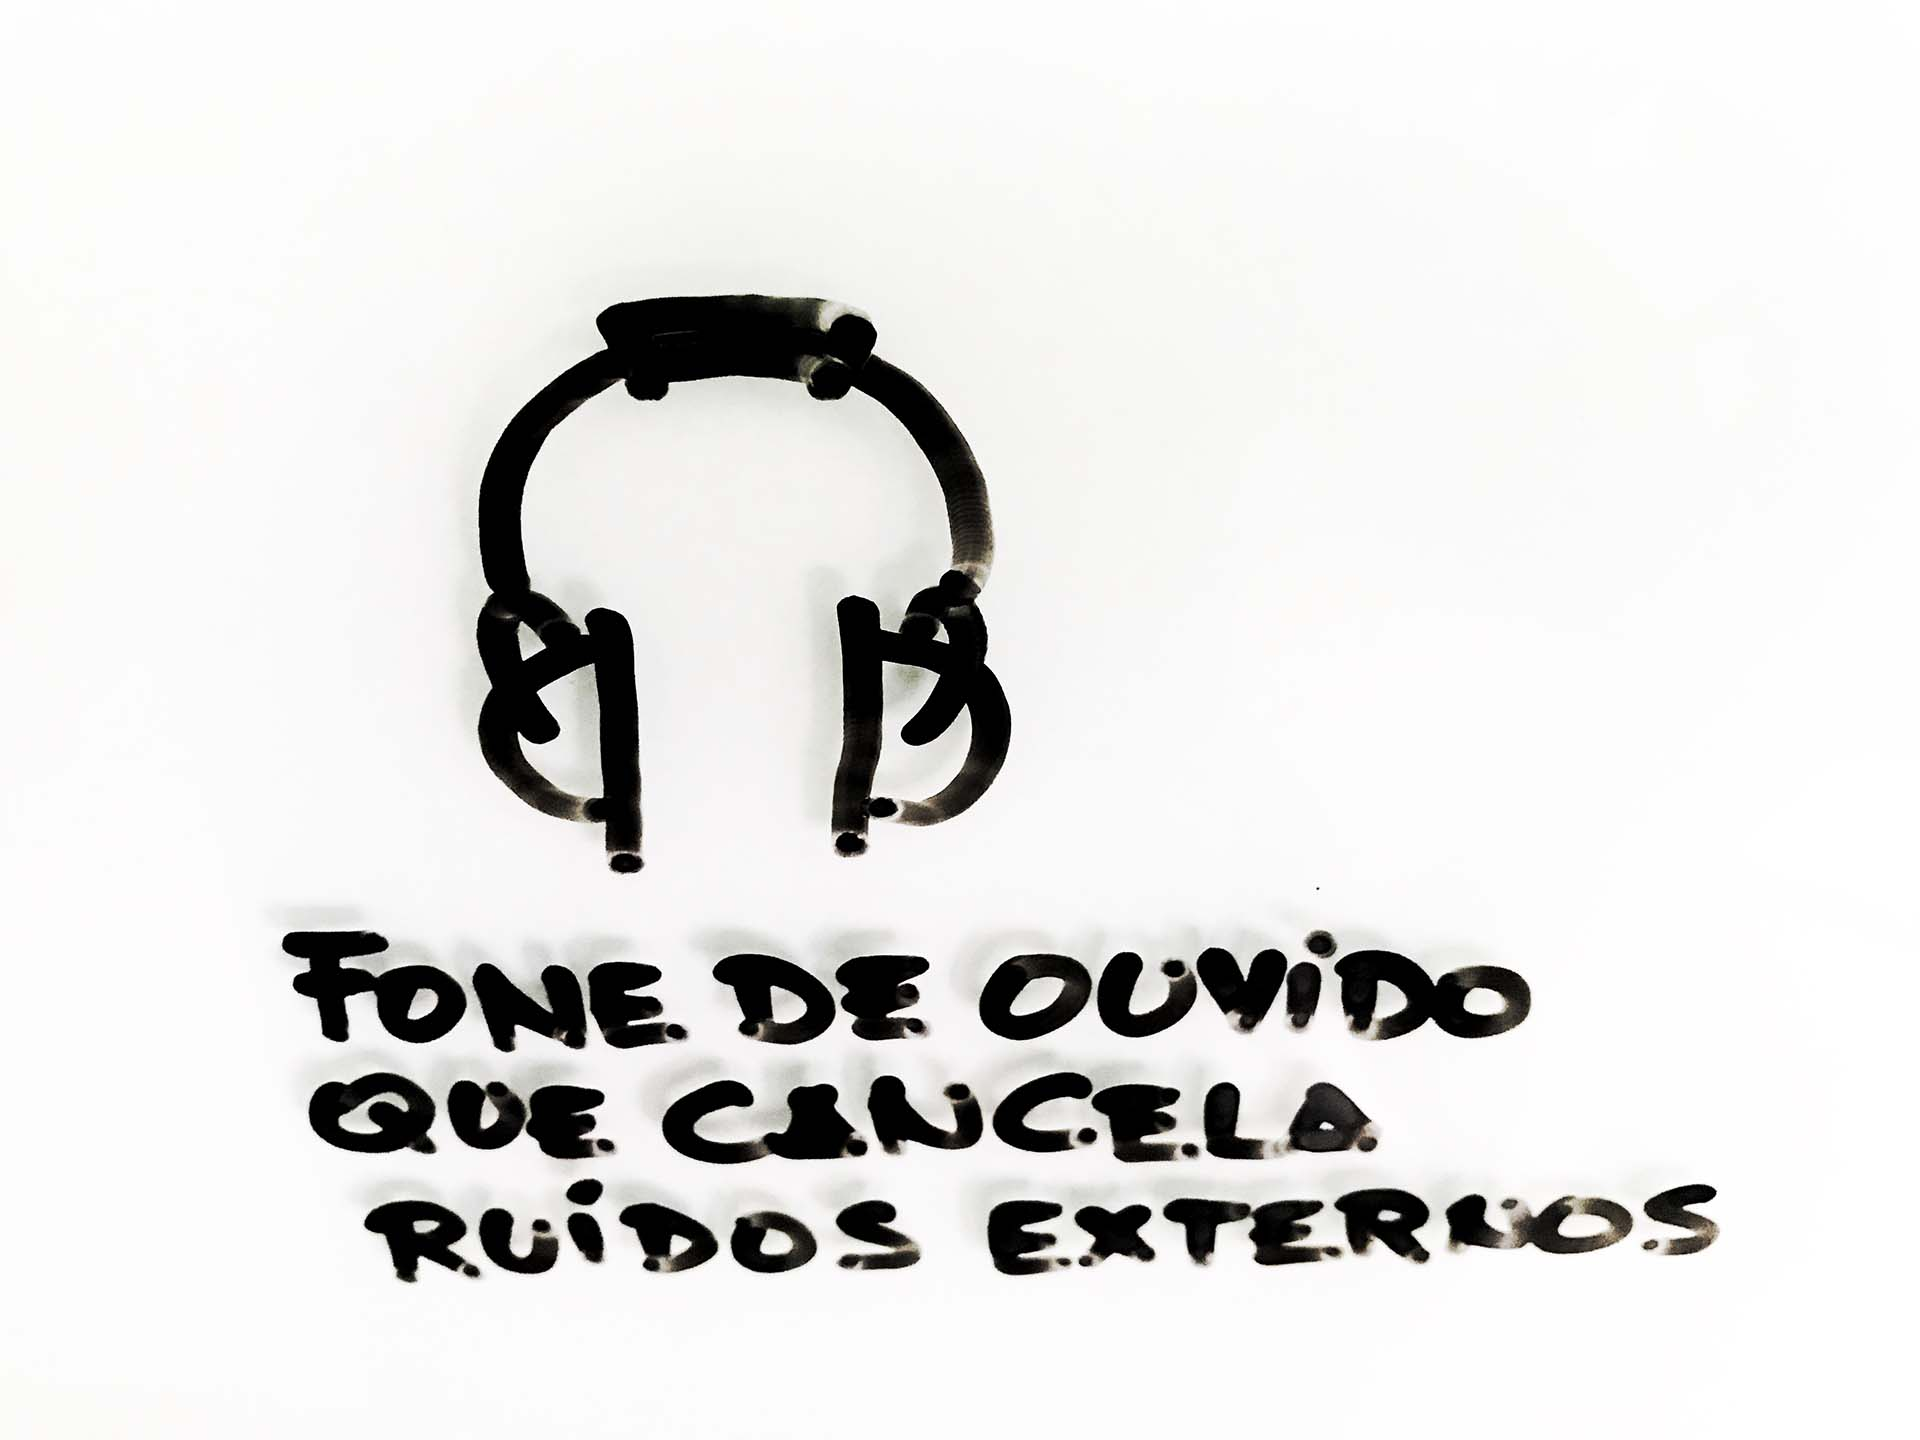 Fone de ouvido com cancelamento de ruído externo